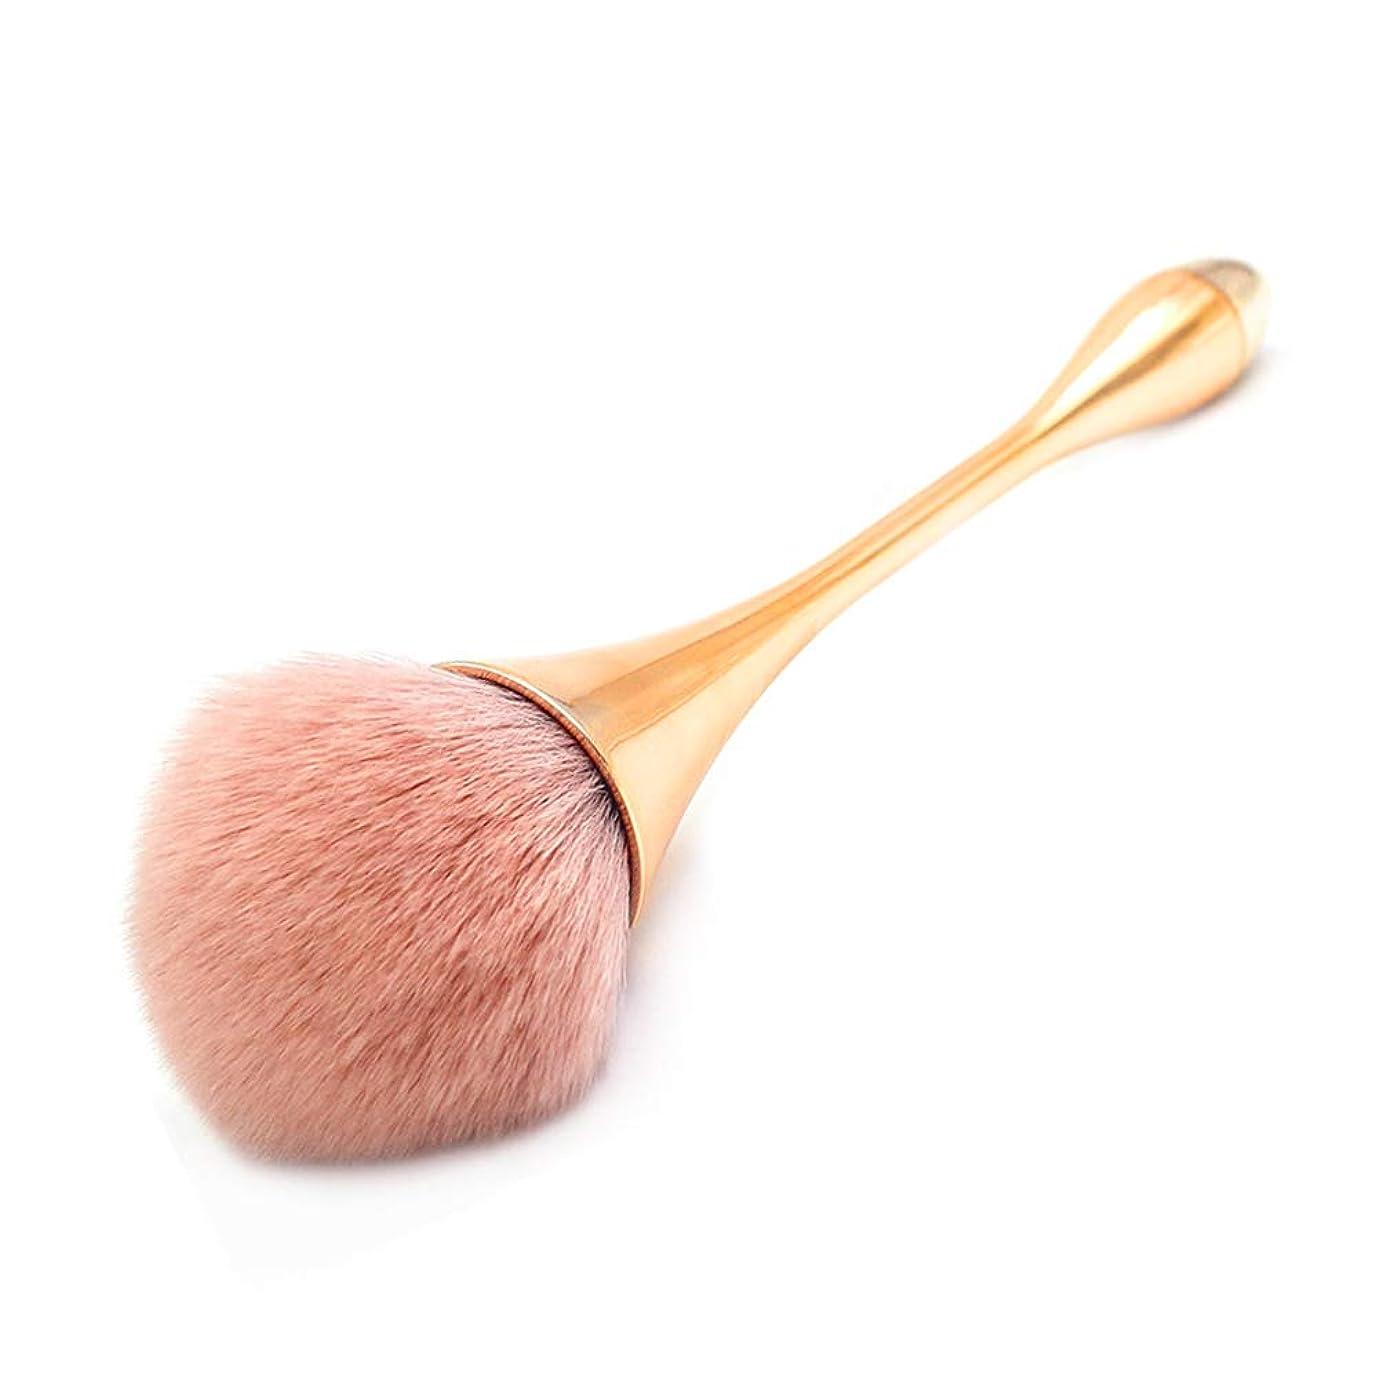 Vsheila 高級メイクブラシ 多機能メイクブラシ 化粧筆 ファンデーションブラシ フェイスブラシ パウダーブラシ ピンク